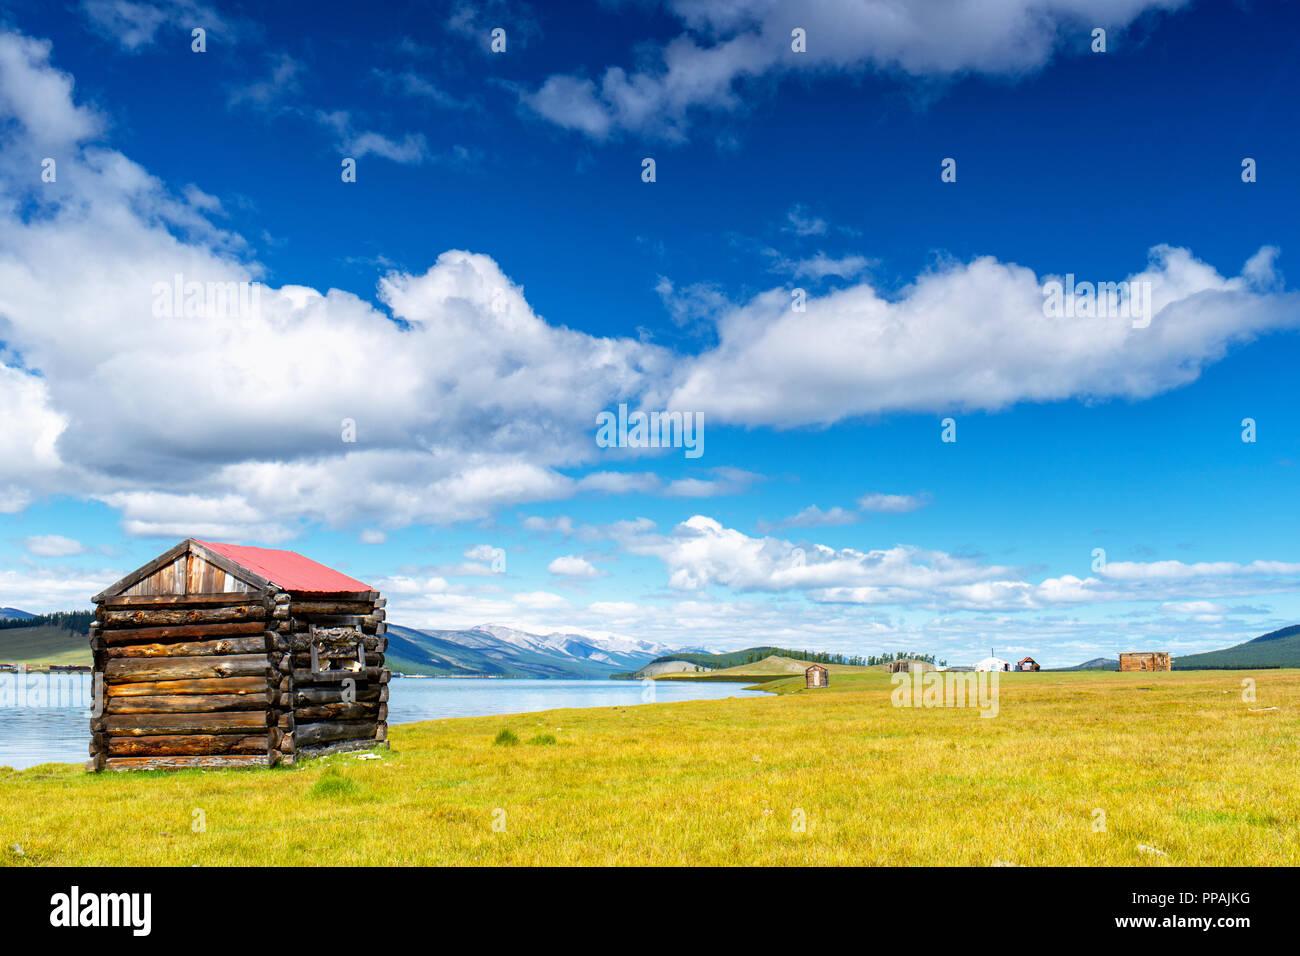 Petite hutte et d'un engrenage au lac Khövsgöl shore, Khatgal, Mongolie Photo Stock